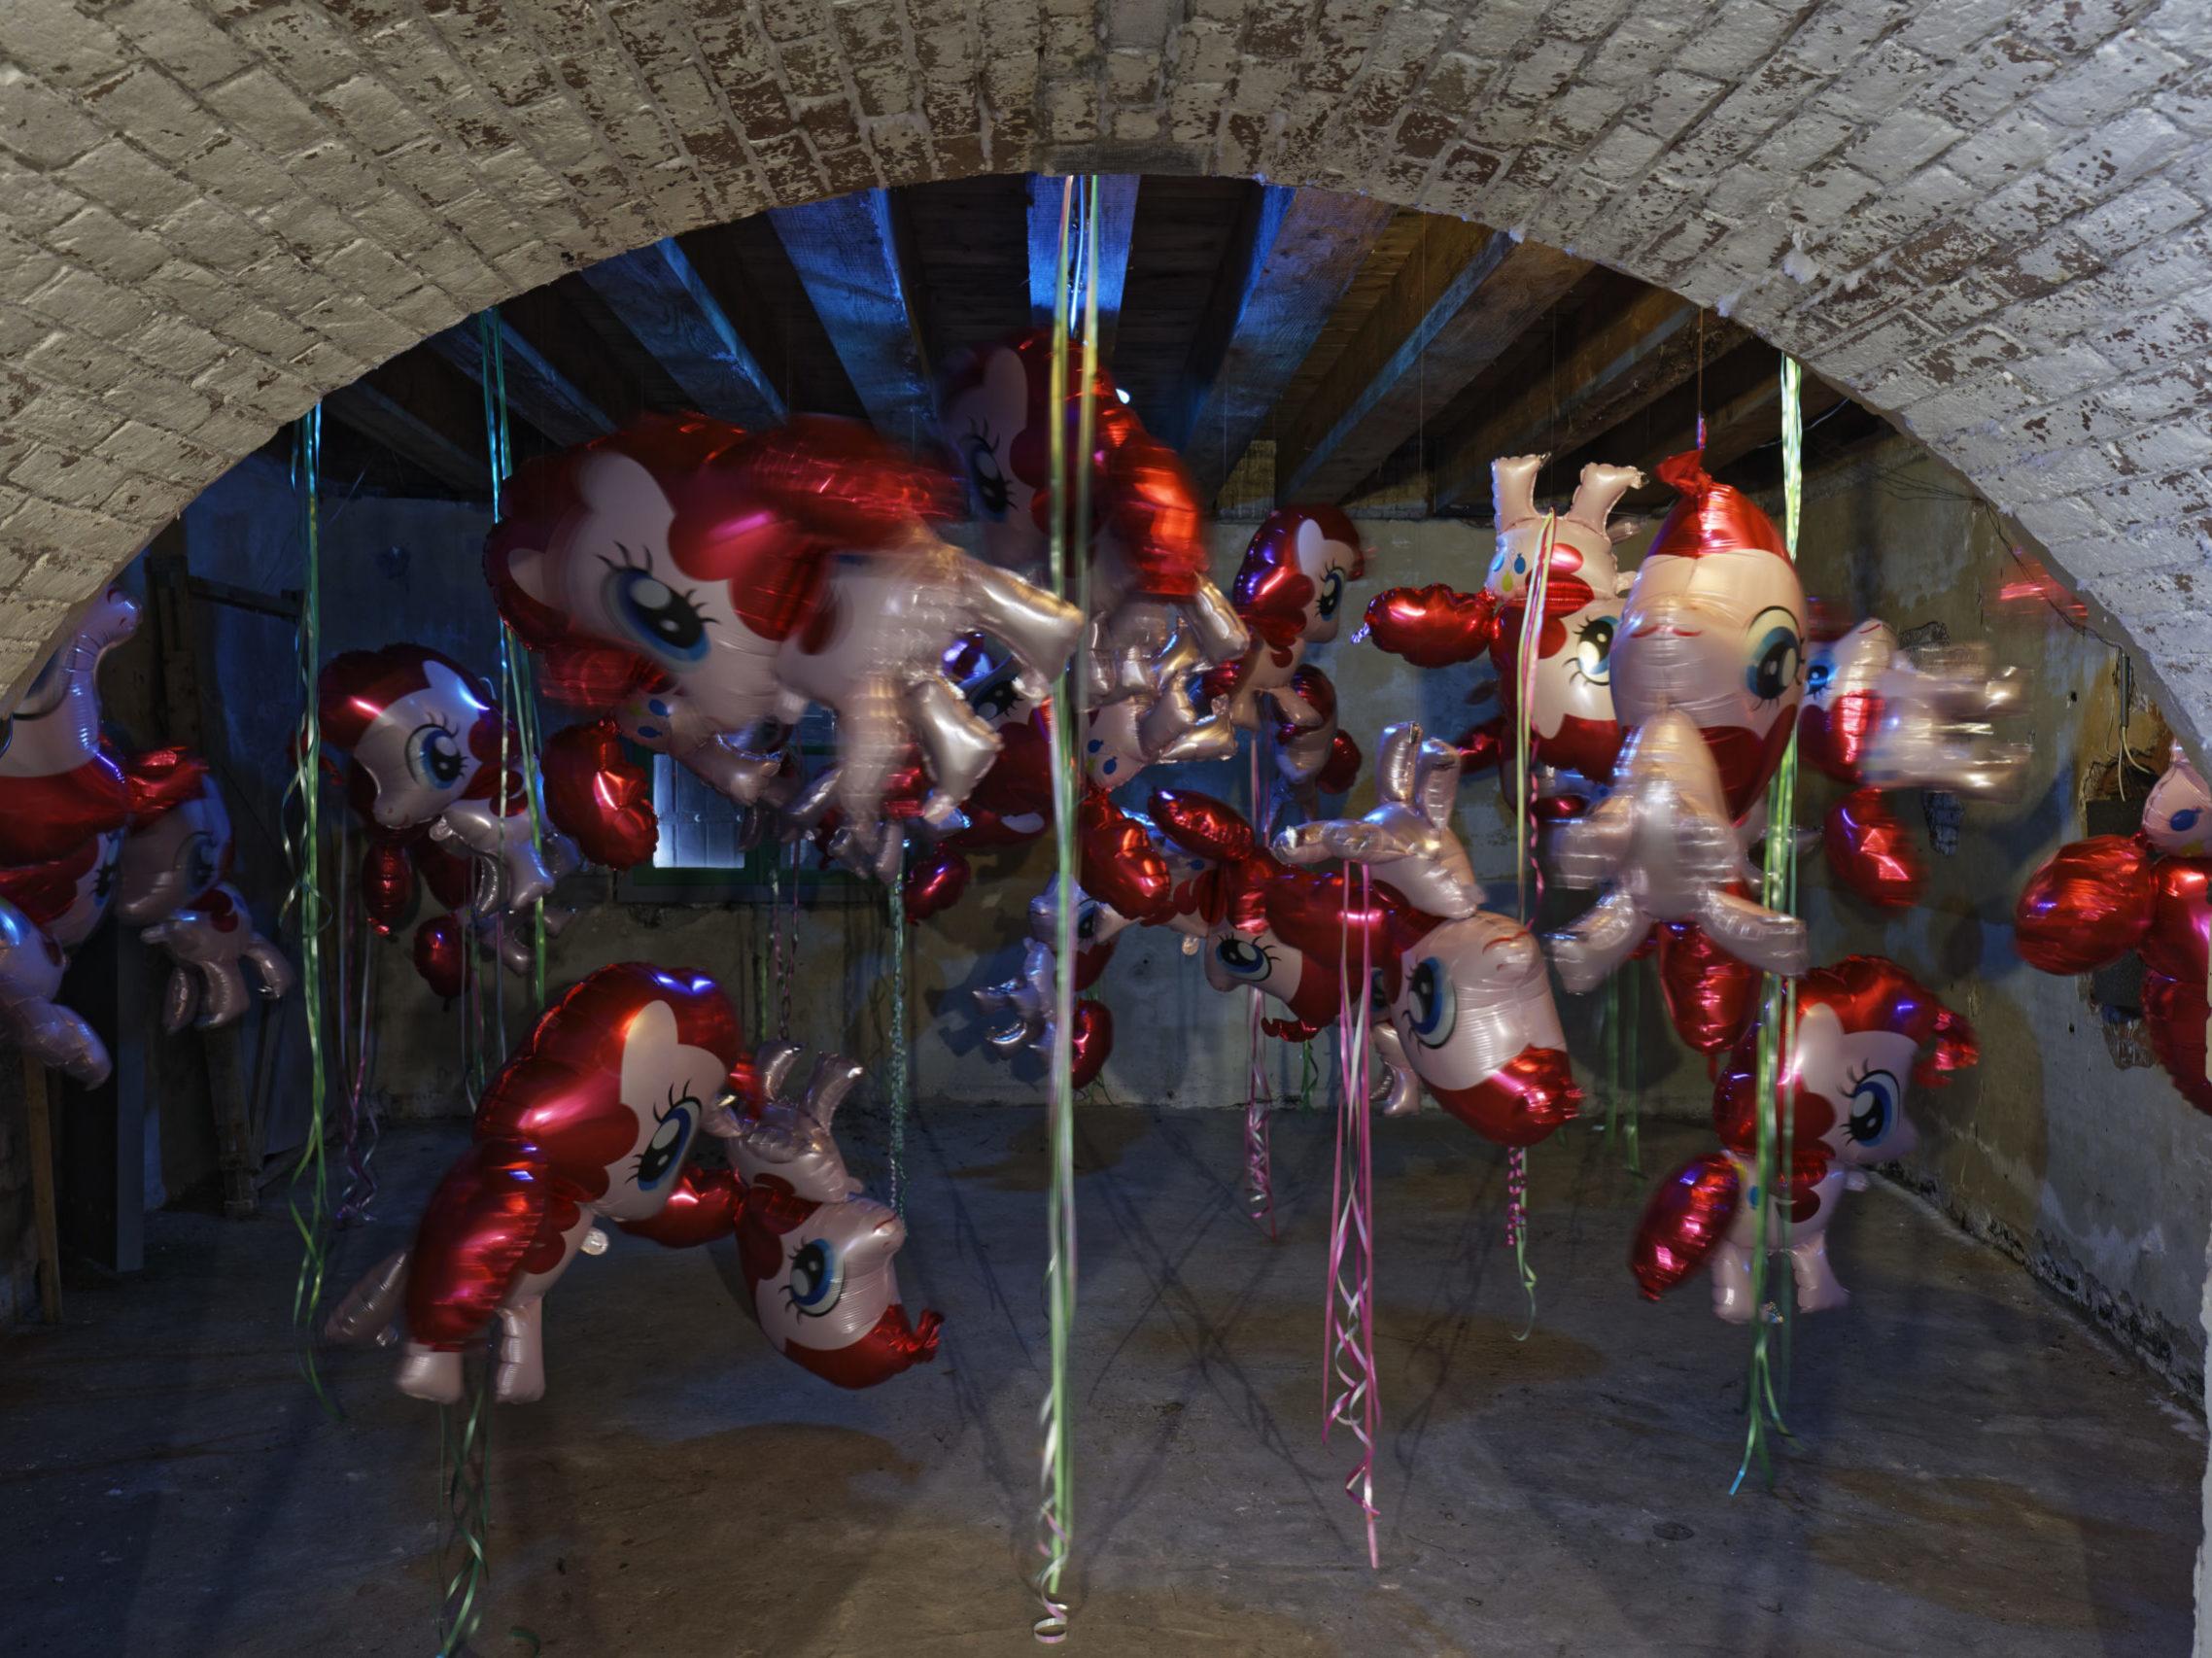 #nieuwjaarscadeau | André Pielage | #nieuwjaarscadeau | Tentoonstelling Een schitterende afzondering Fort bij Asperen 2019